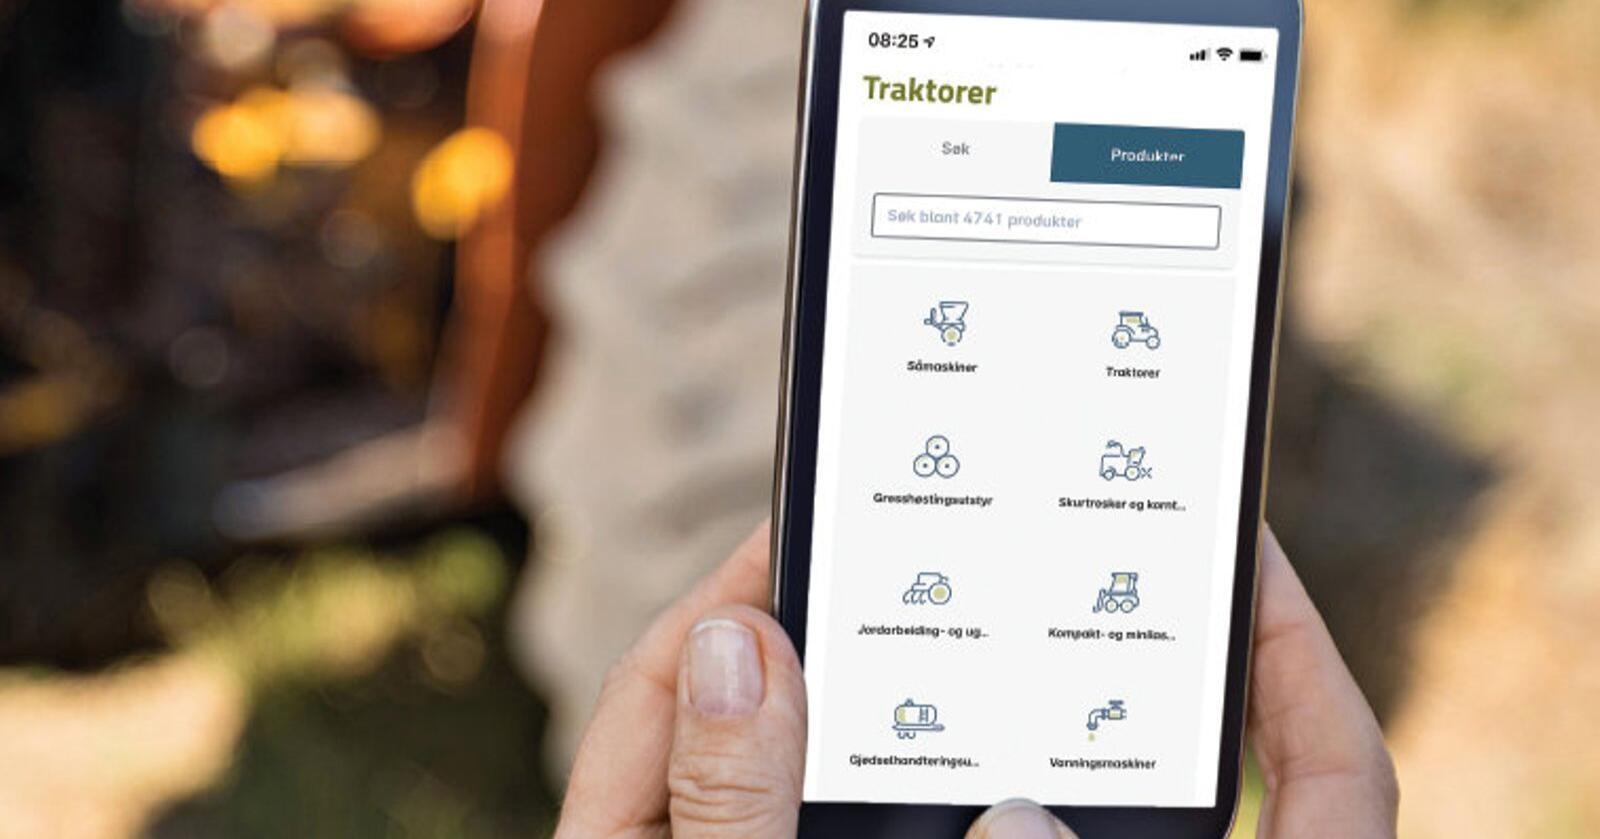 Nøkkeldata på nett er tilpasset mobil, slik at du alltid har informasjonen tilgjengelig